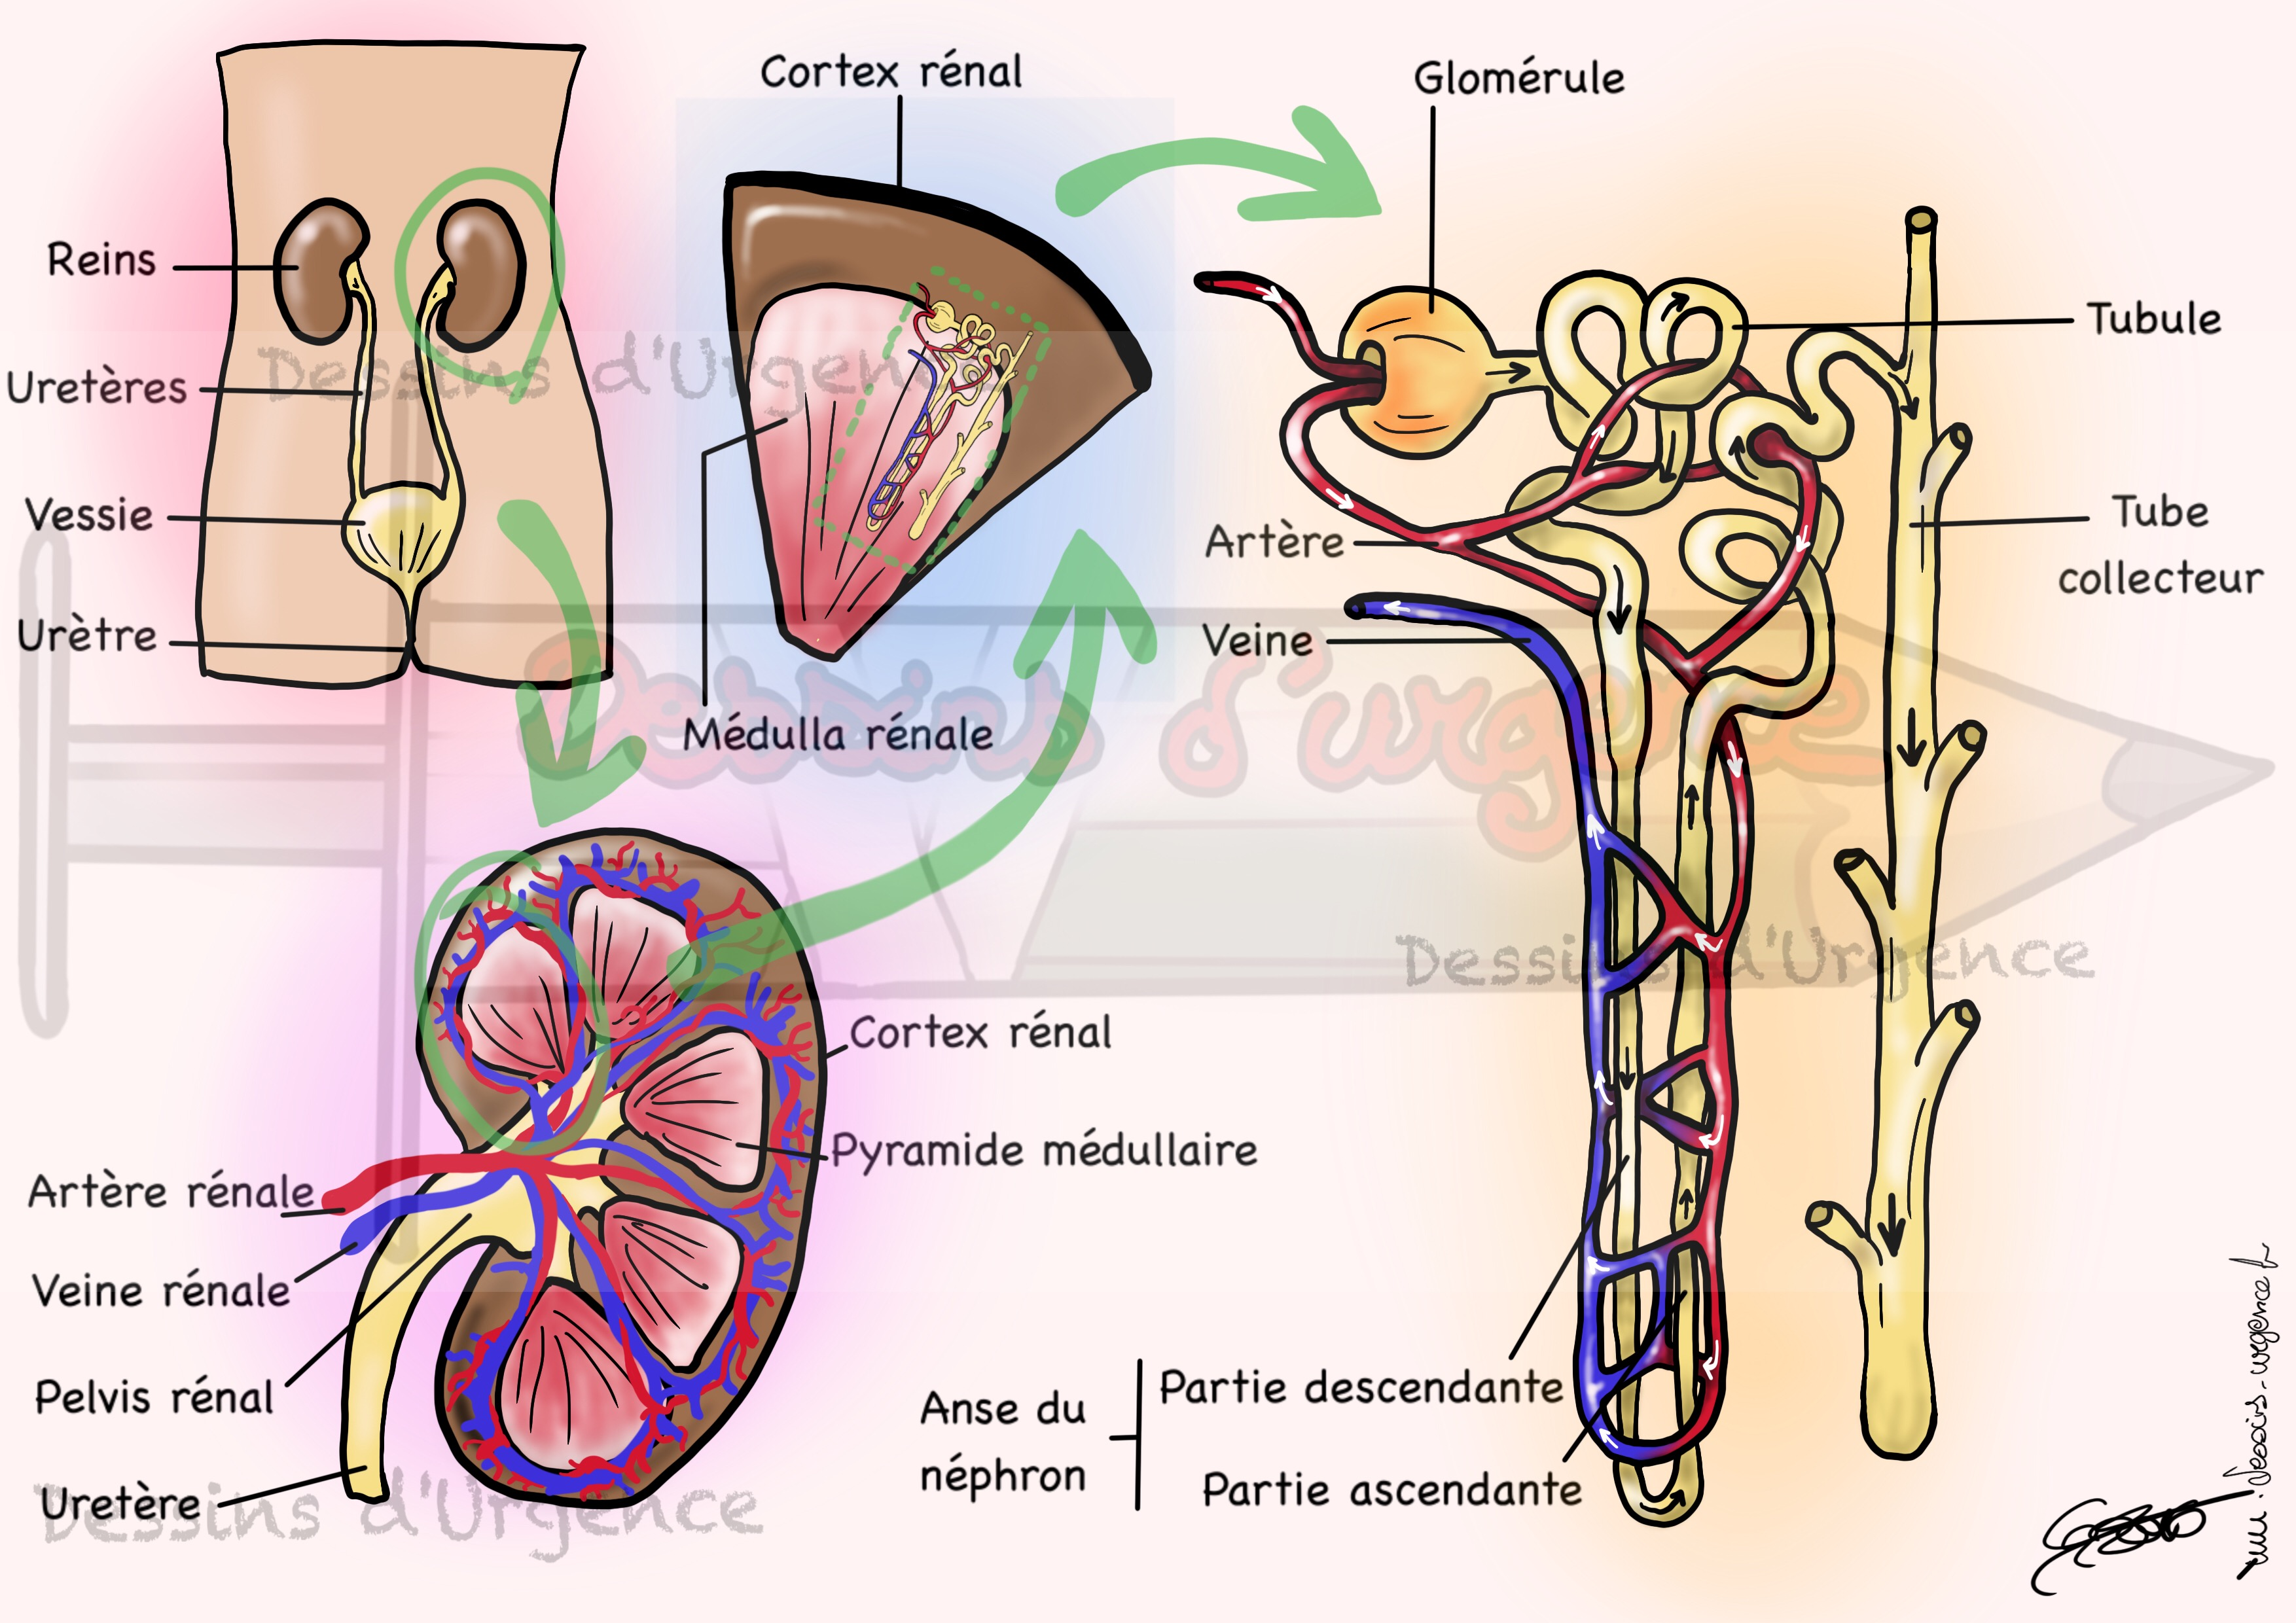 Ausgezeichnet Anatomie Des Gebärmutterhalses Ideen - Menschliche ...